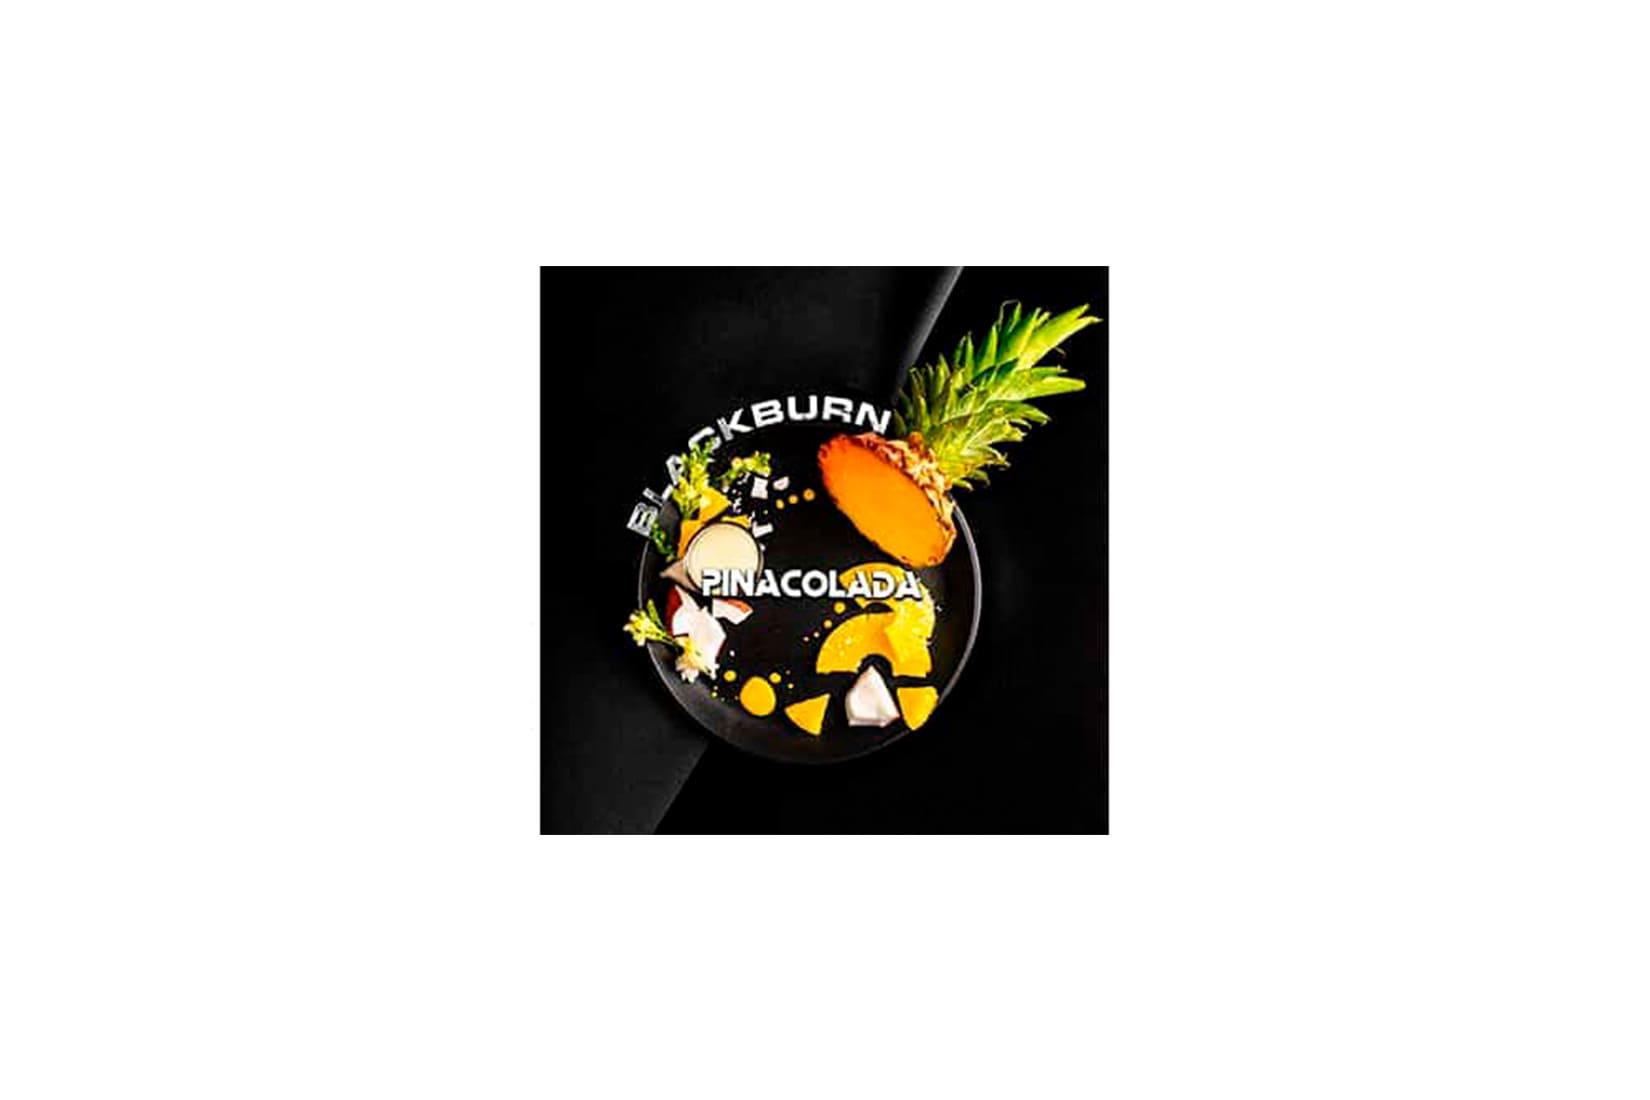 Табак для кальяна Black Burn Pinacolada – описание, миксы, отзывы